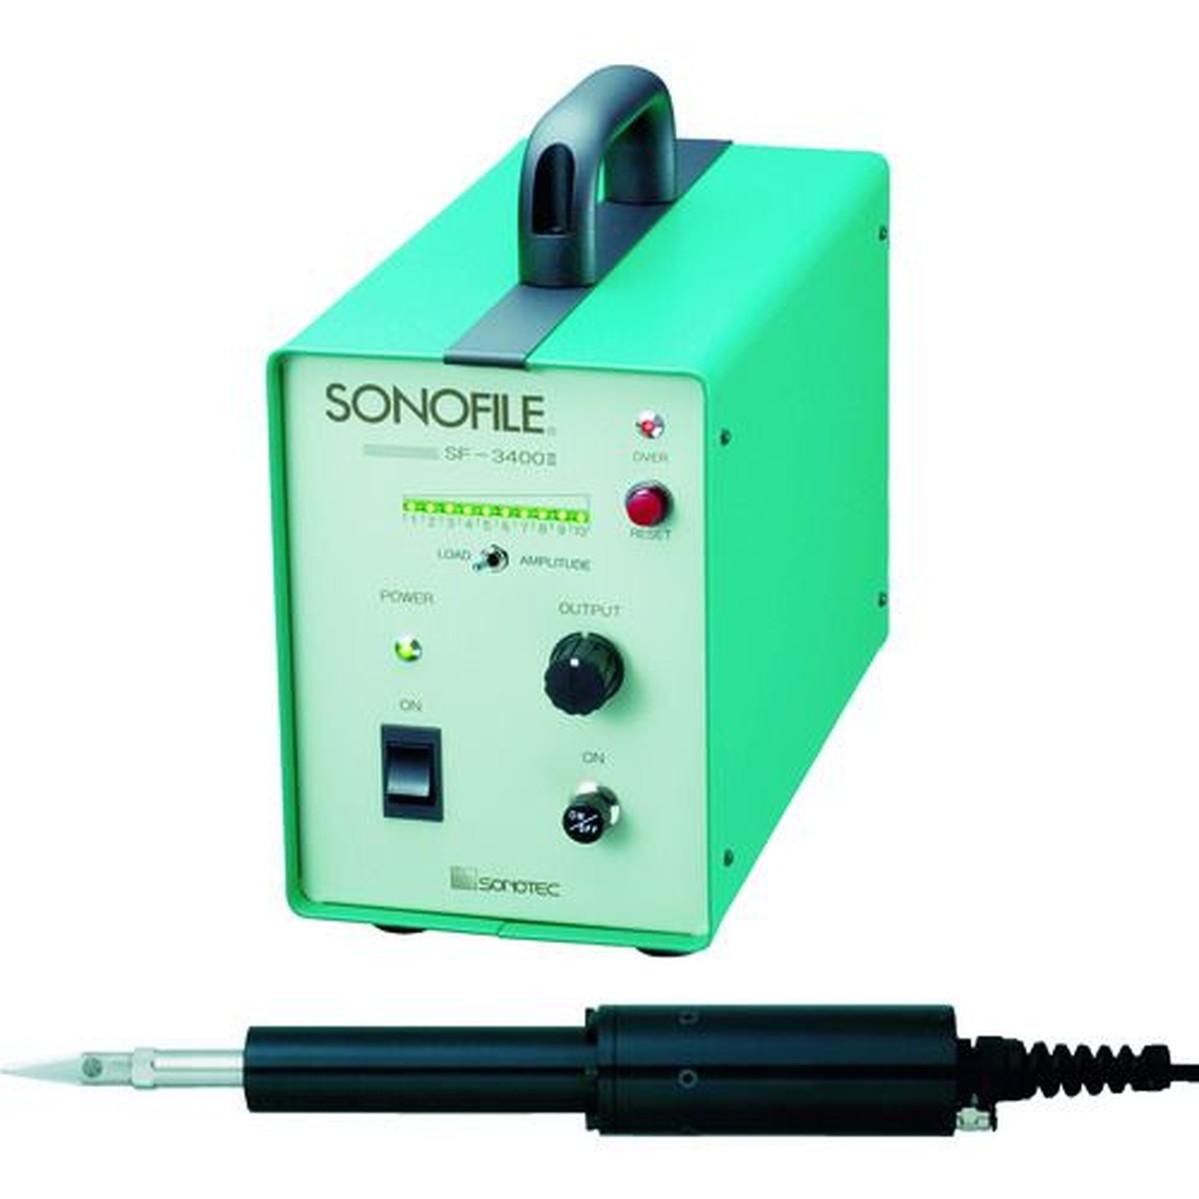 堅実な究極の SONOTEC SONOFILE 超音波カッター 1S, かいこの王国:6034673f --- ltcpackage.online